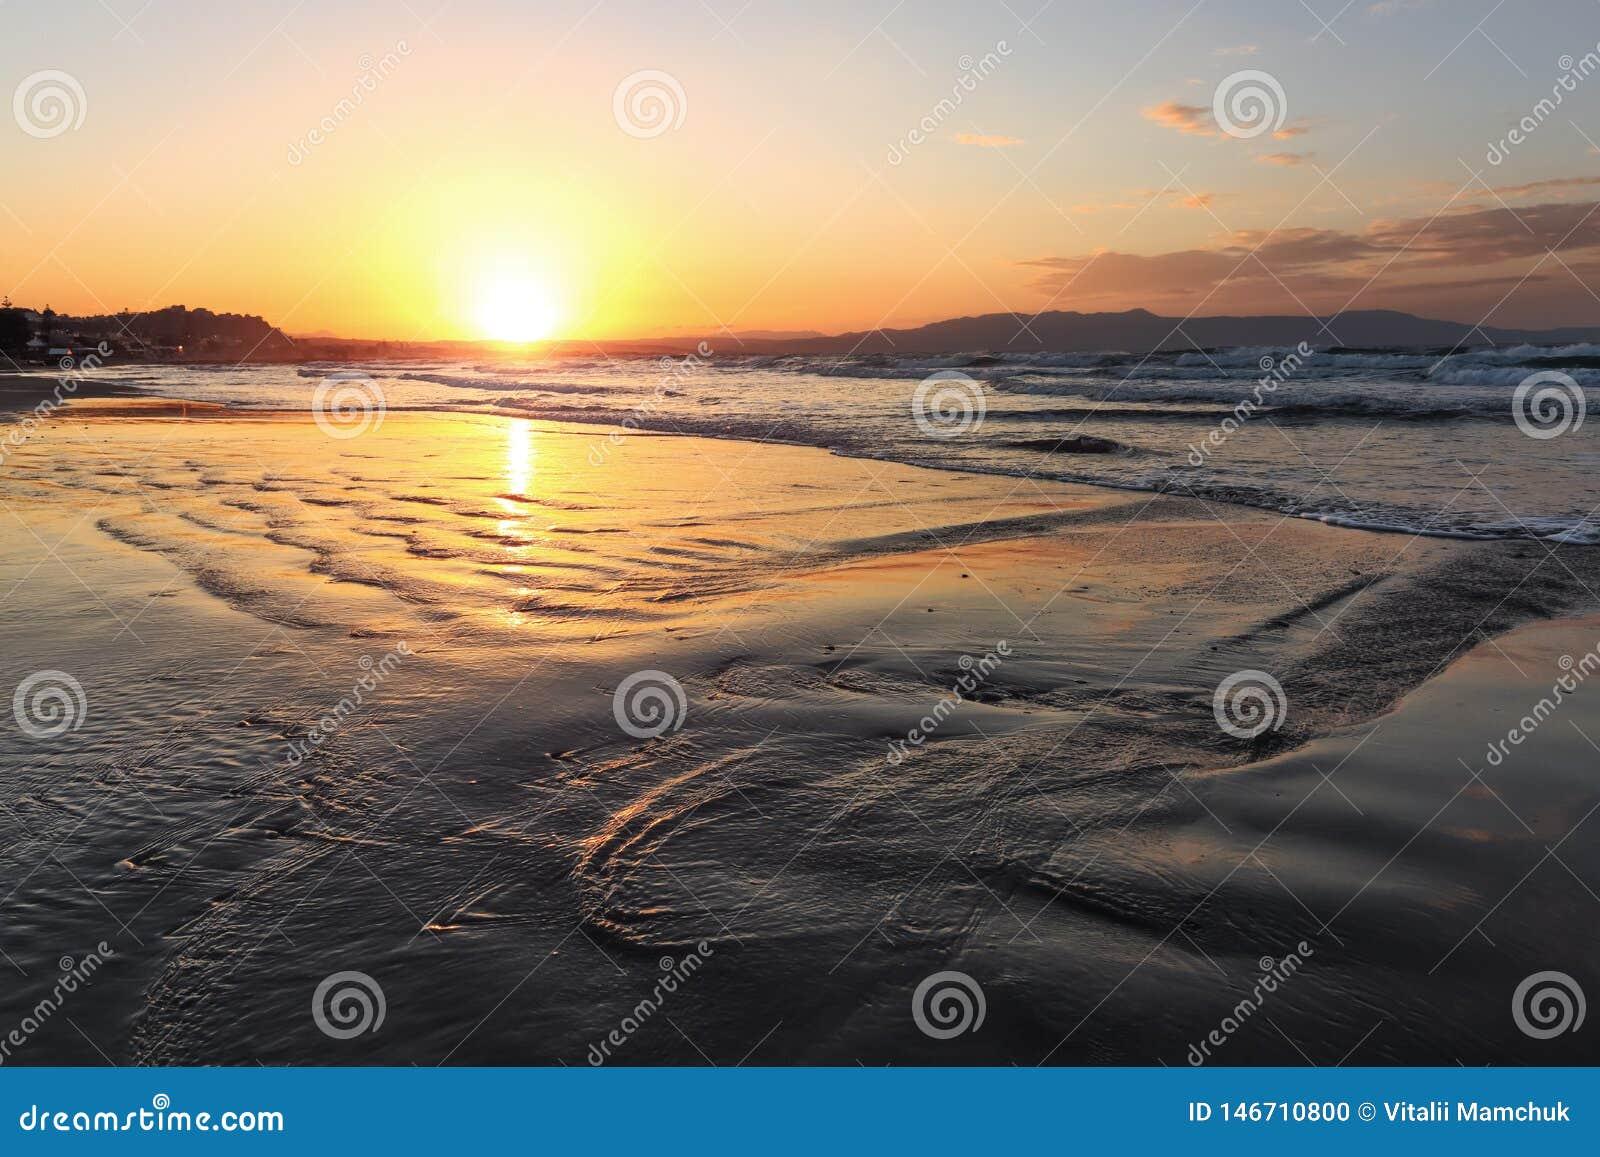 Plaatsplaats Agia Marina Beach, eiland Kreta, Griekenland De overzeese kust spangled door rotsen, de zonsopgang overdenkt het nat